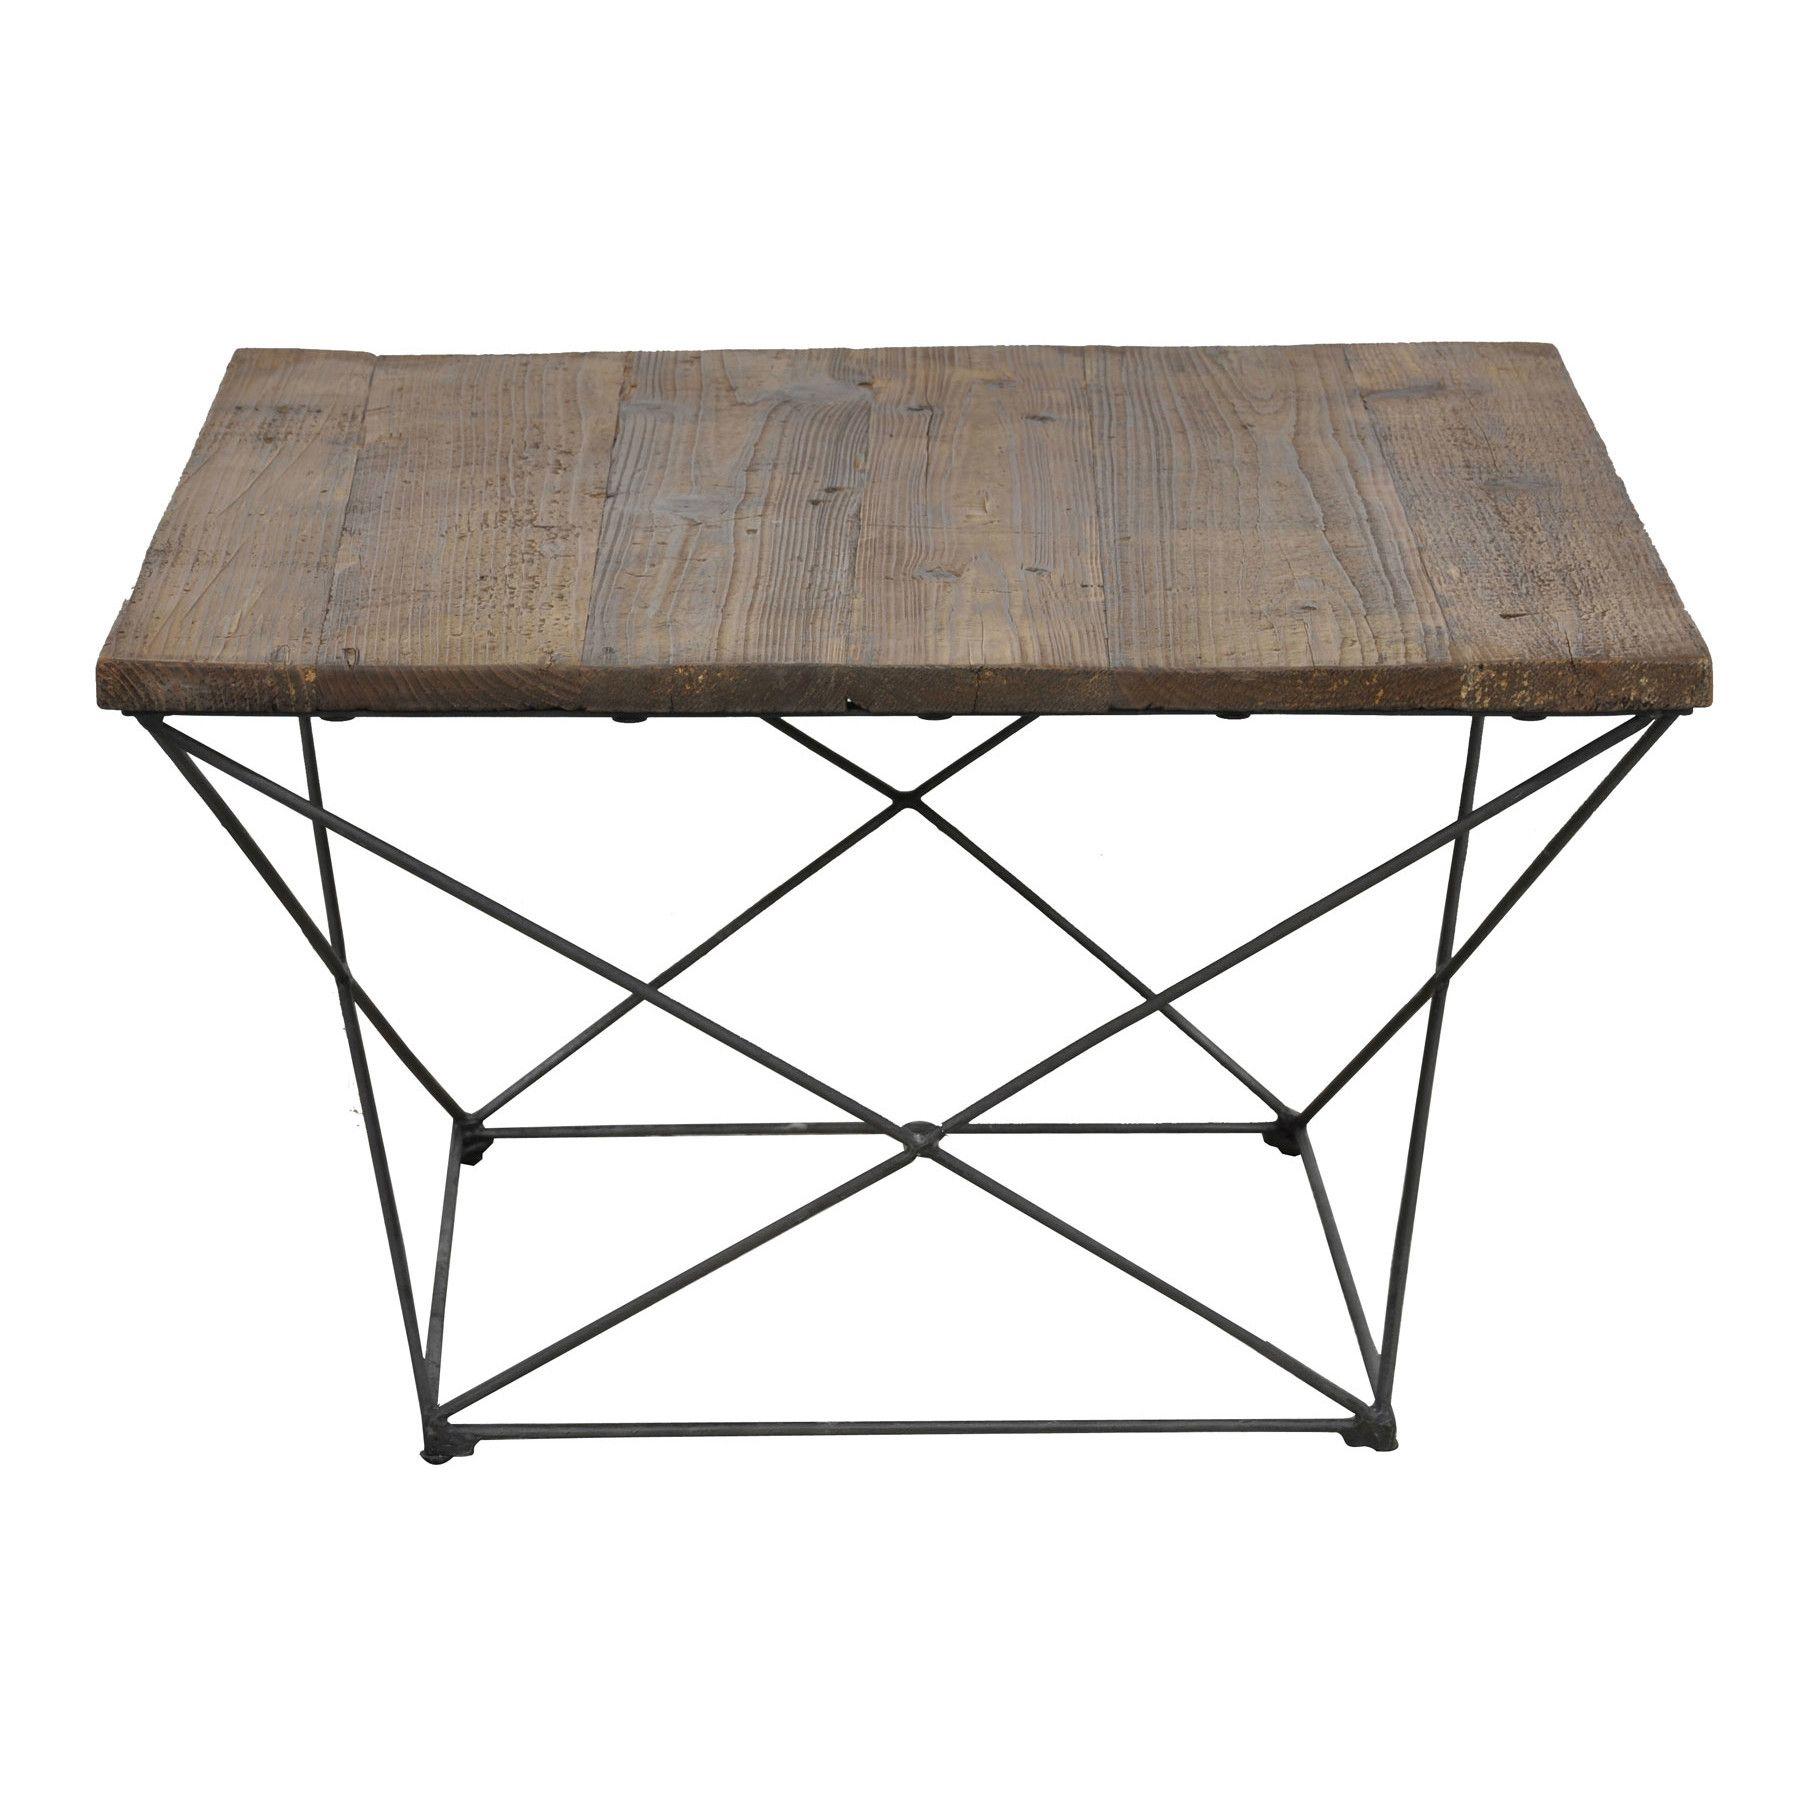 Free Home Interiordecorating Ideas: Kosas Home Edison Coffee Table